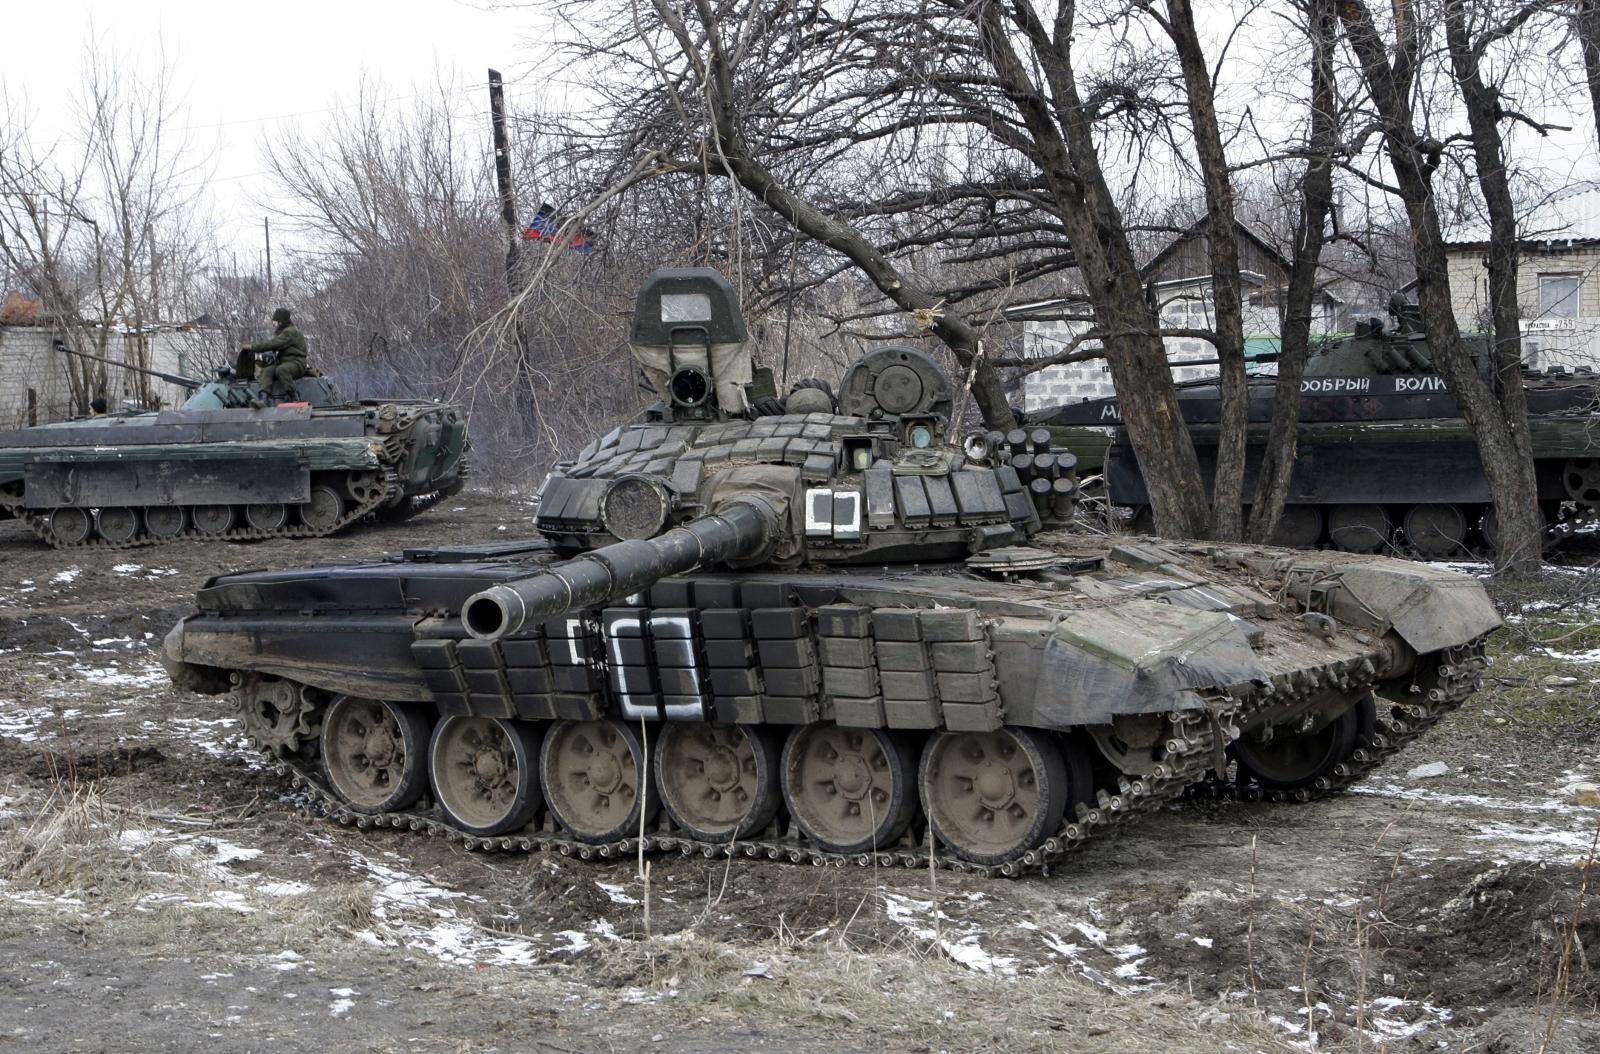 ГПУ обнародовала видео о расследовании военной агрессии РФ против Украины в 2014 году - Цензор.НЕТ 8216